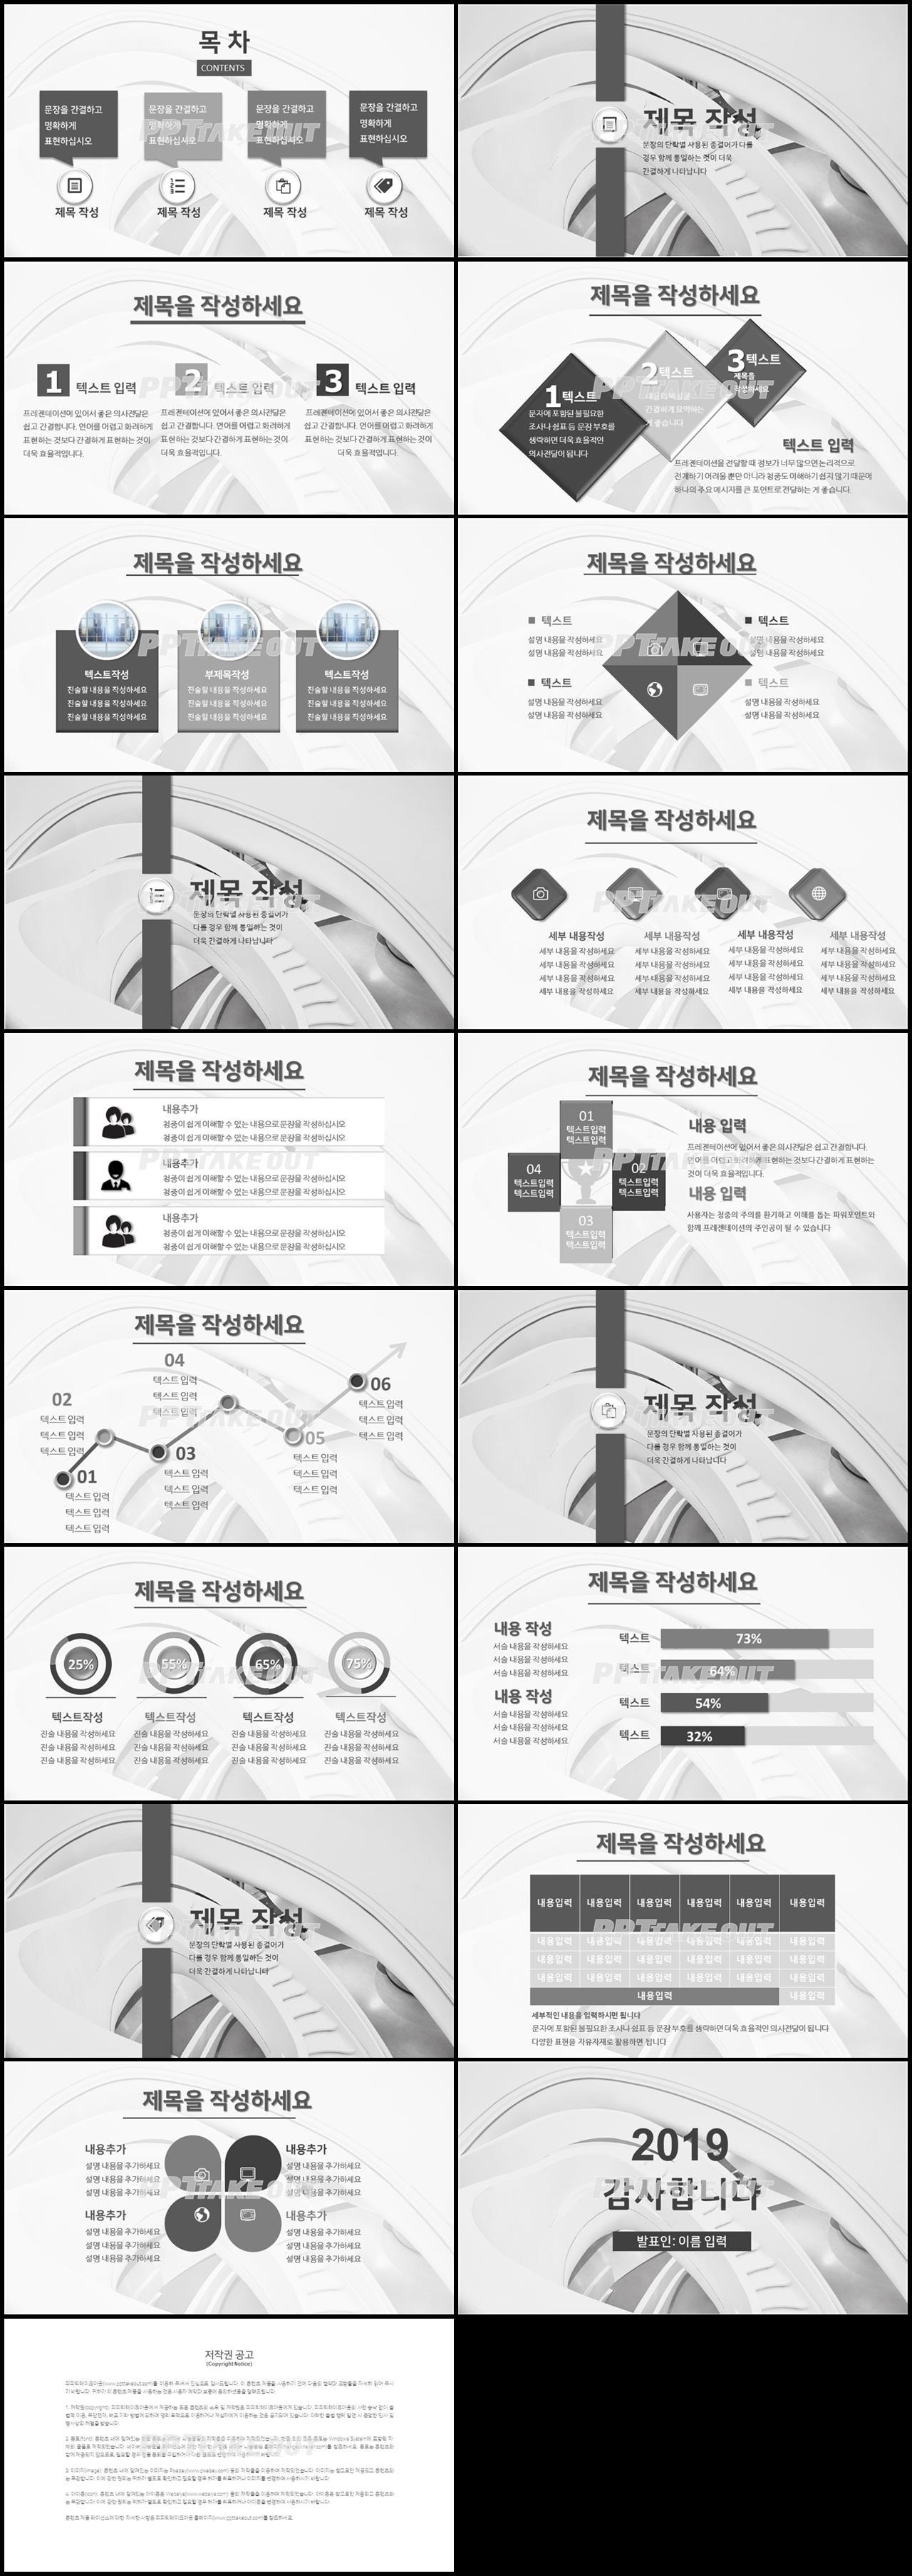 사업보고서 은색 현대적인 프레젠테이션 피피티배경 만들기 상세보기